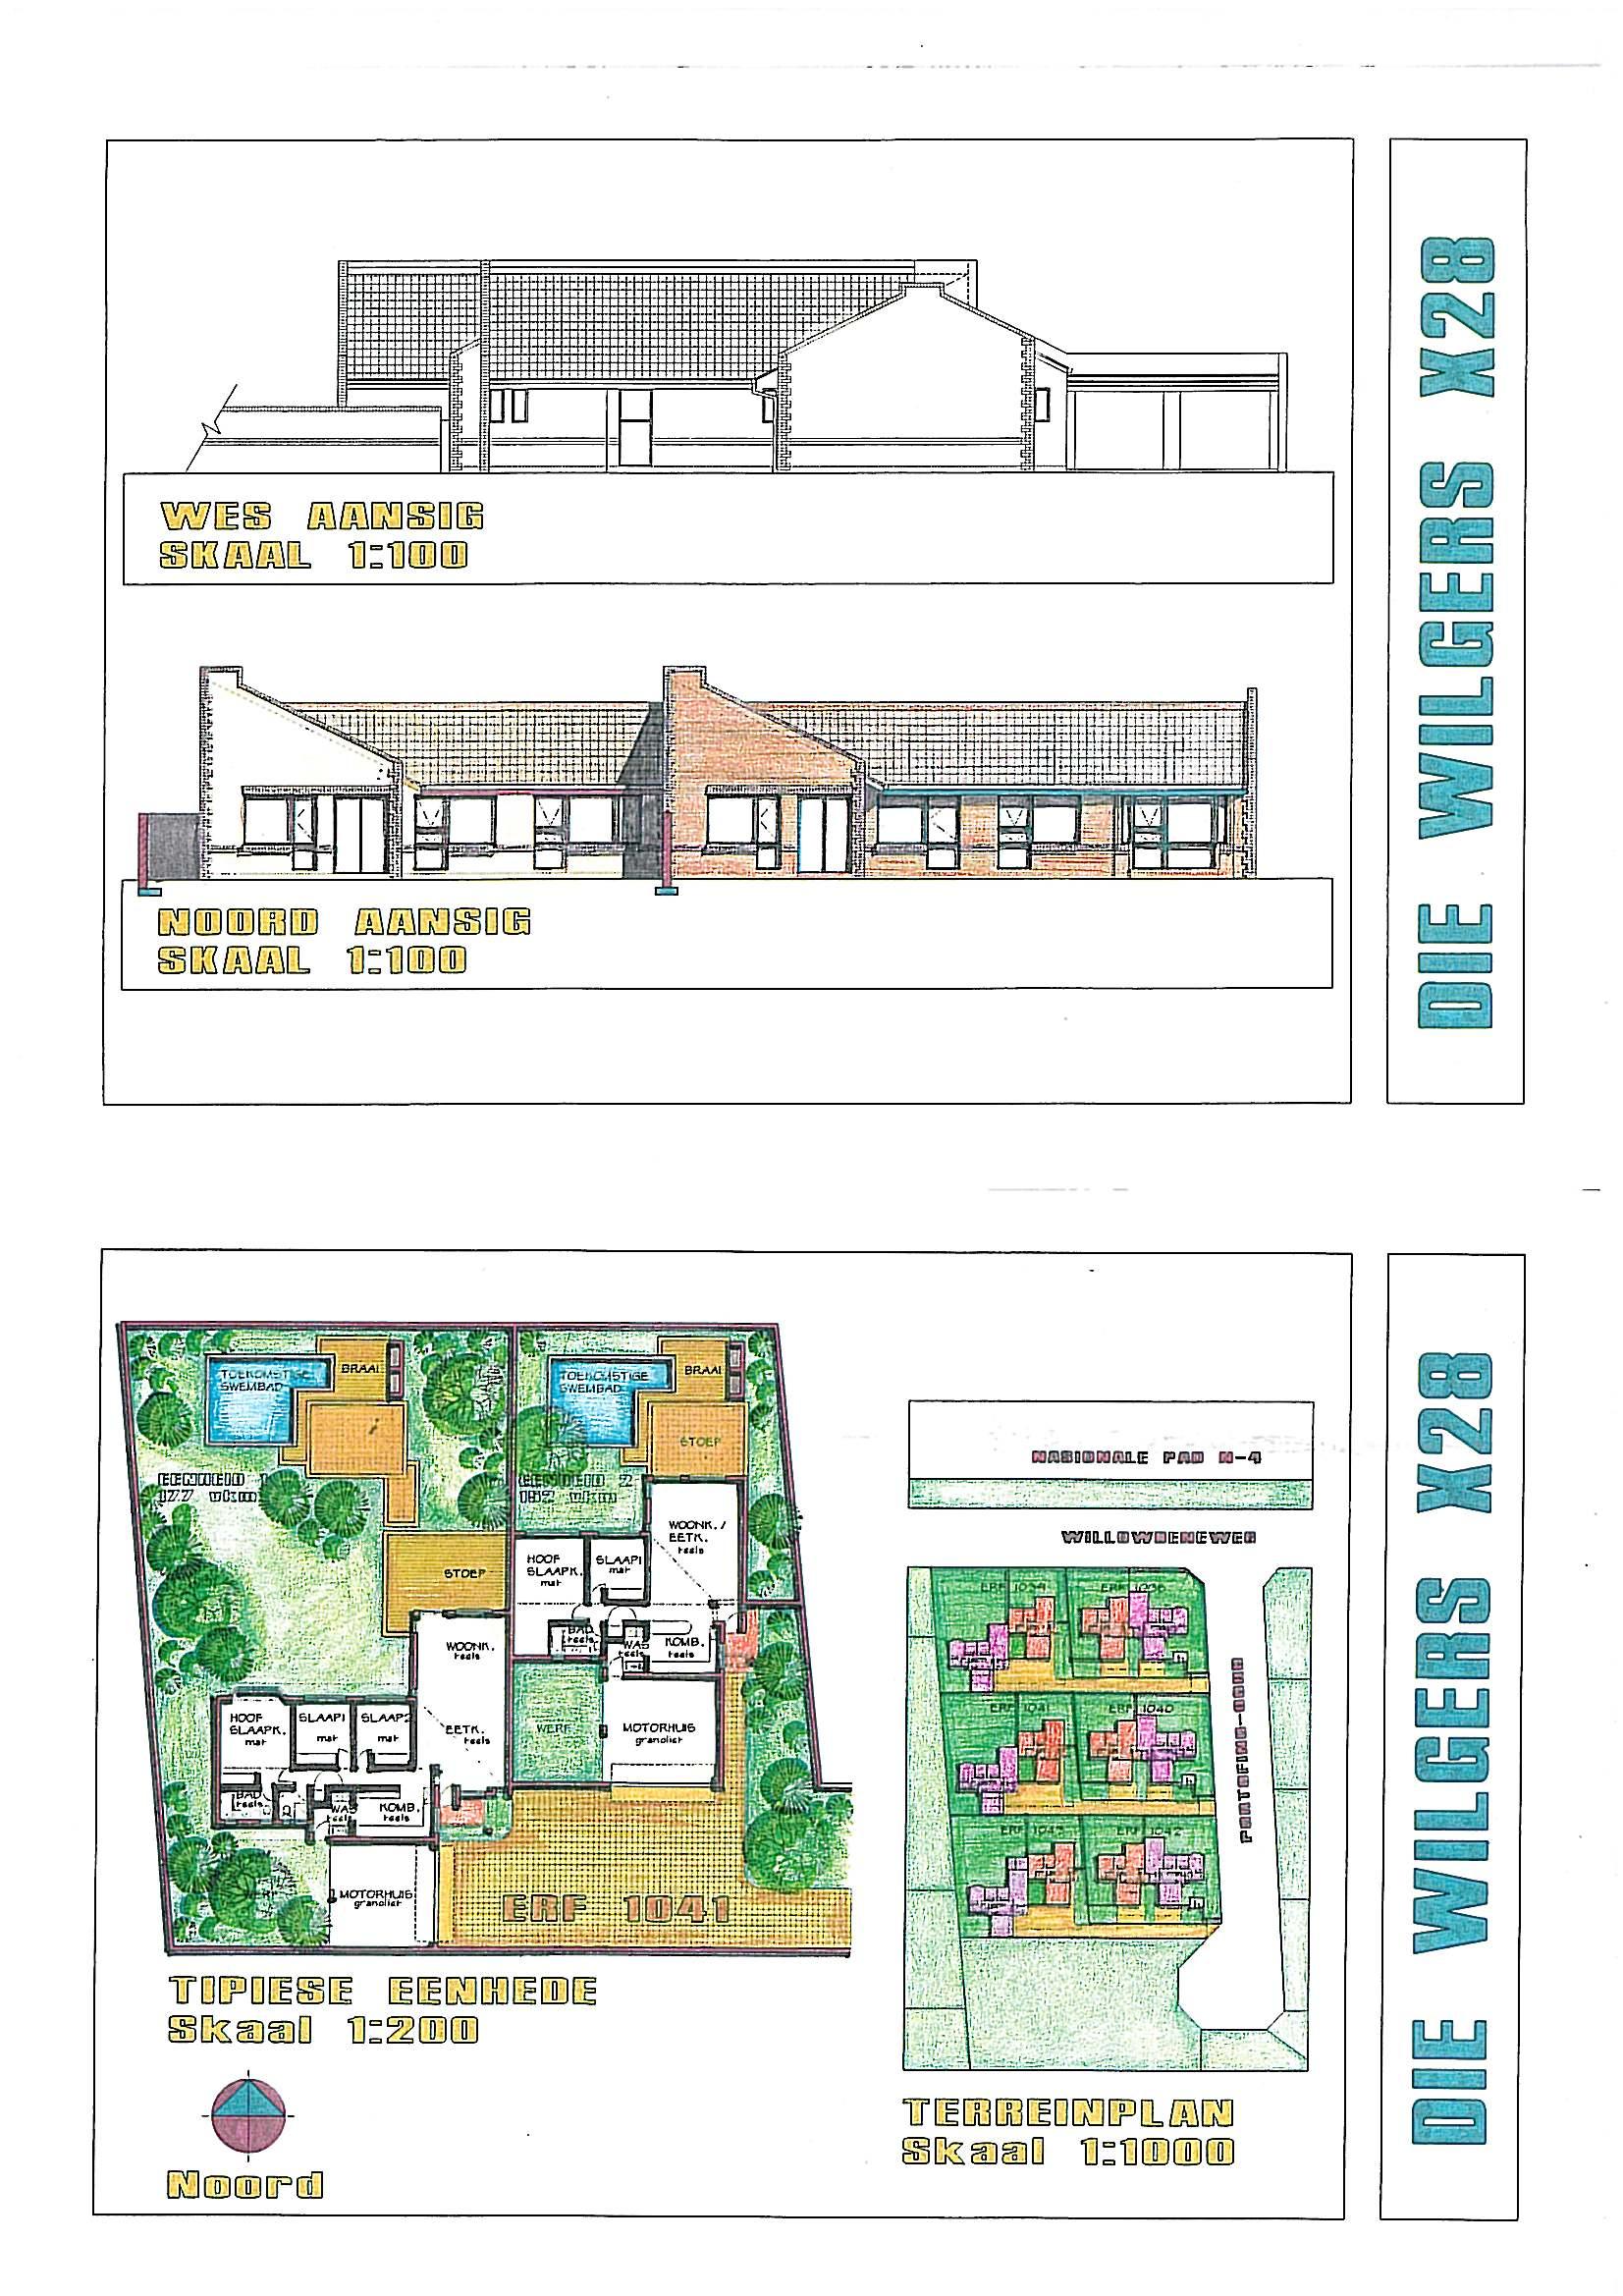 A2 - Wilgers Groepsbehuising - A4